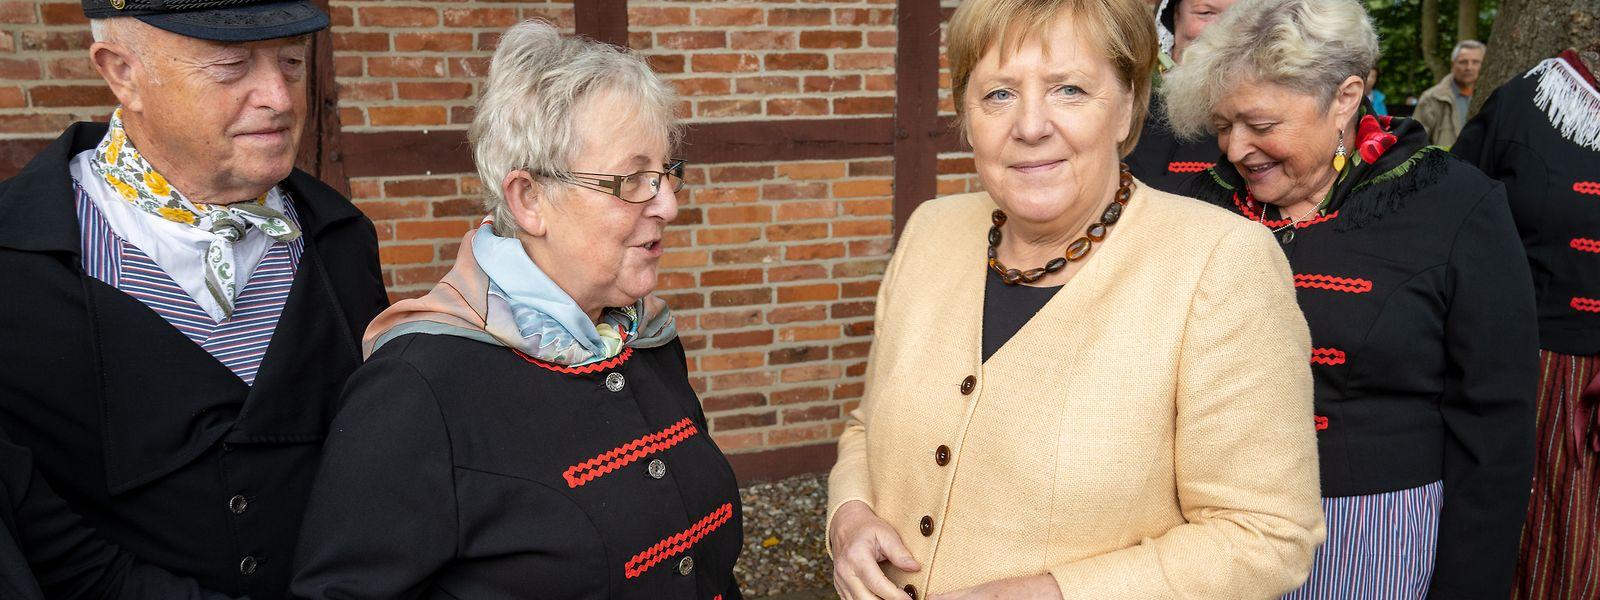 Bundeskanzlerin Angela Merkel (CDU) besucht das Fischerdorf Waase auf der Insel Ummanz in ihrem Bundestagswahlkreis.